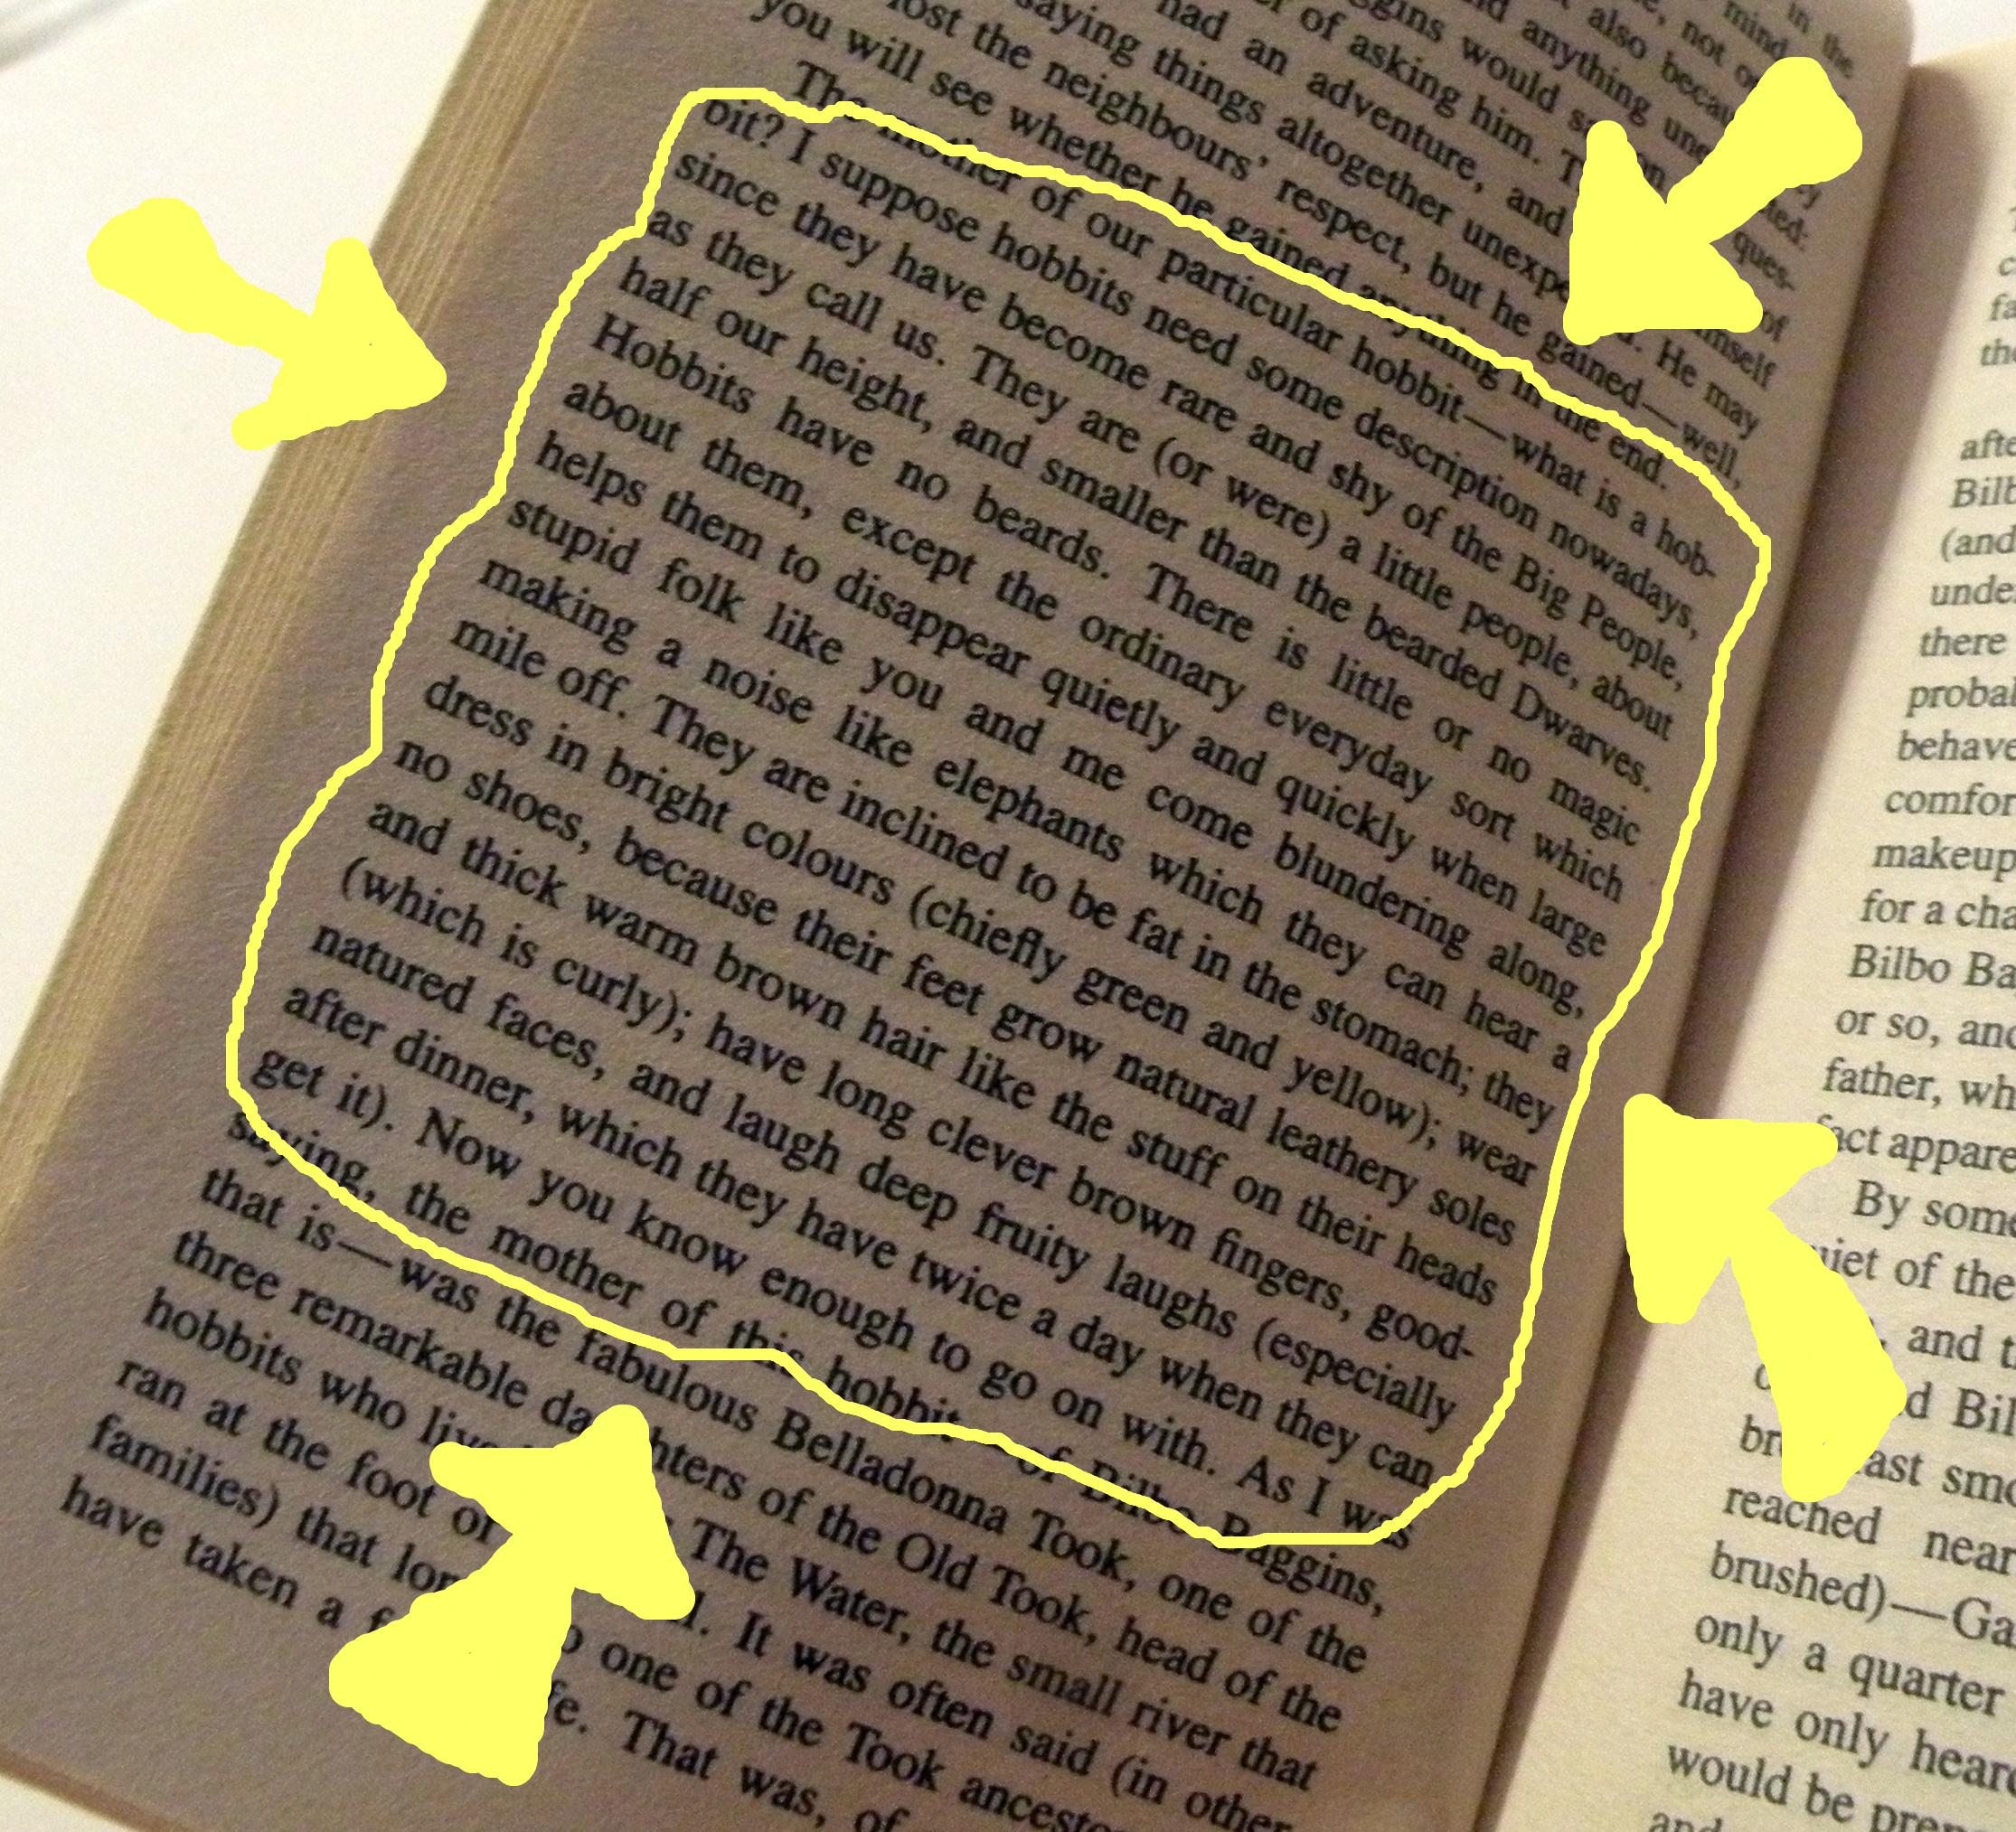 a description bilbo bagginss role in the hobbit by jrr tolkien 2018-07-16 après la guerre, en 1968, il s'oppose à une description de la terre du milieu comme un monde « nordique  les œuvres les plus connues de tolkien, le hobbit et le.